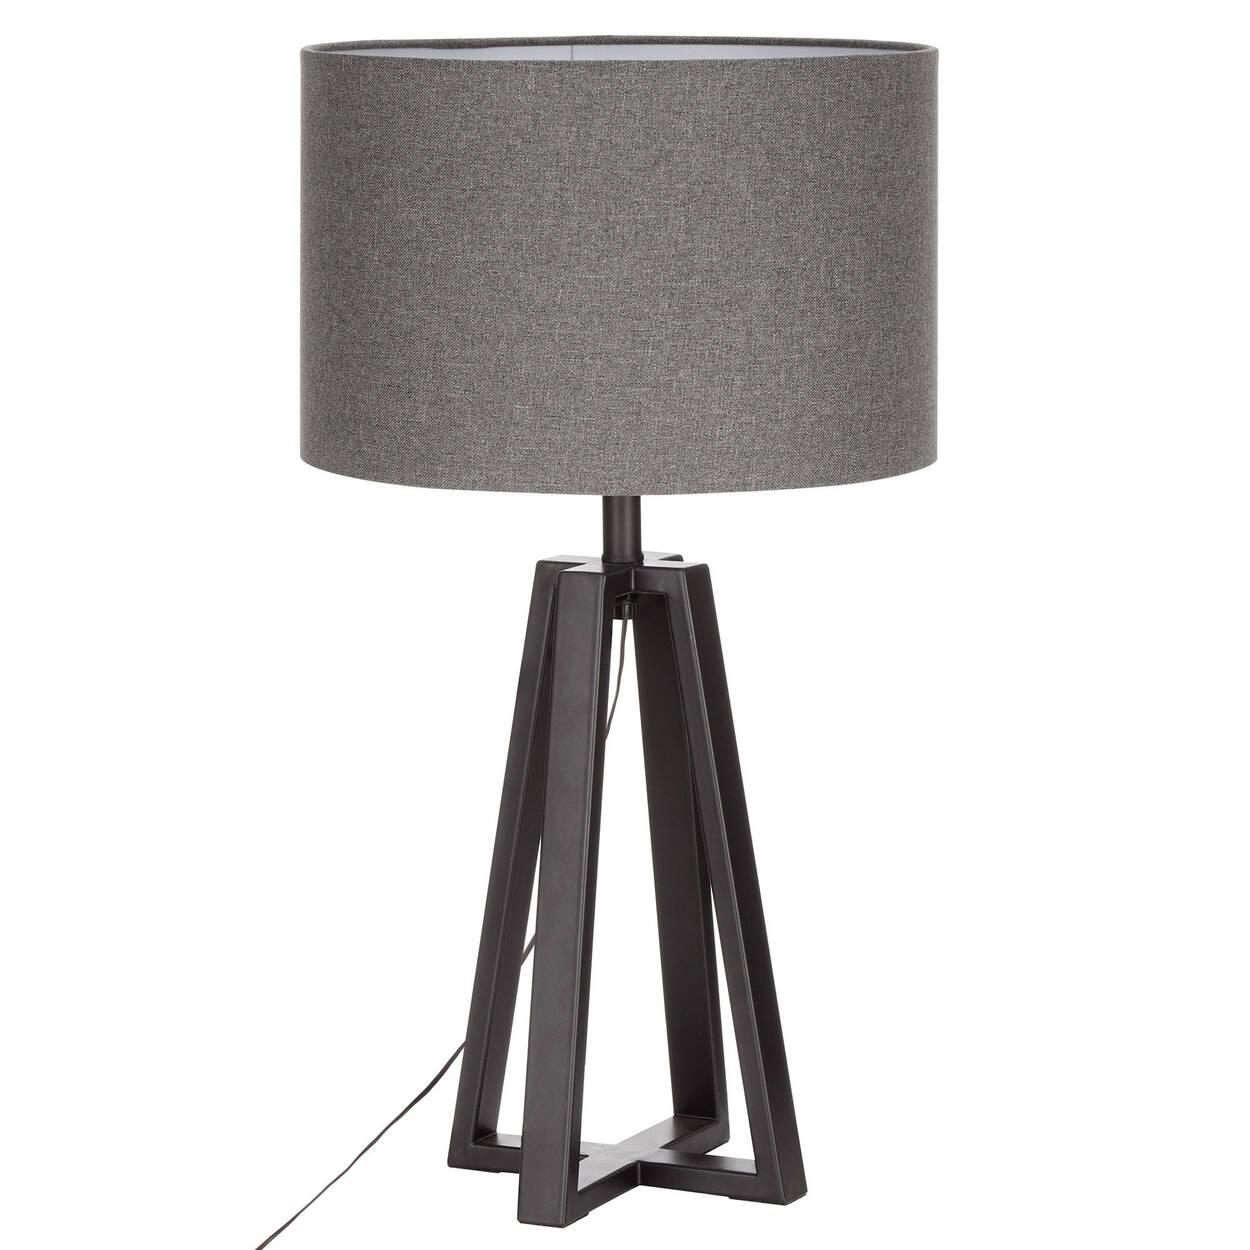 lampe de table g om trique en m tal. Black Bedroom Furniture Sets. Home Design Ideas